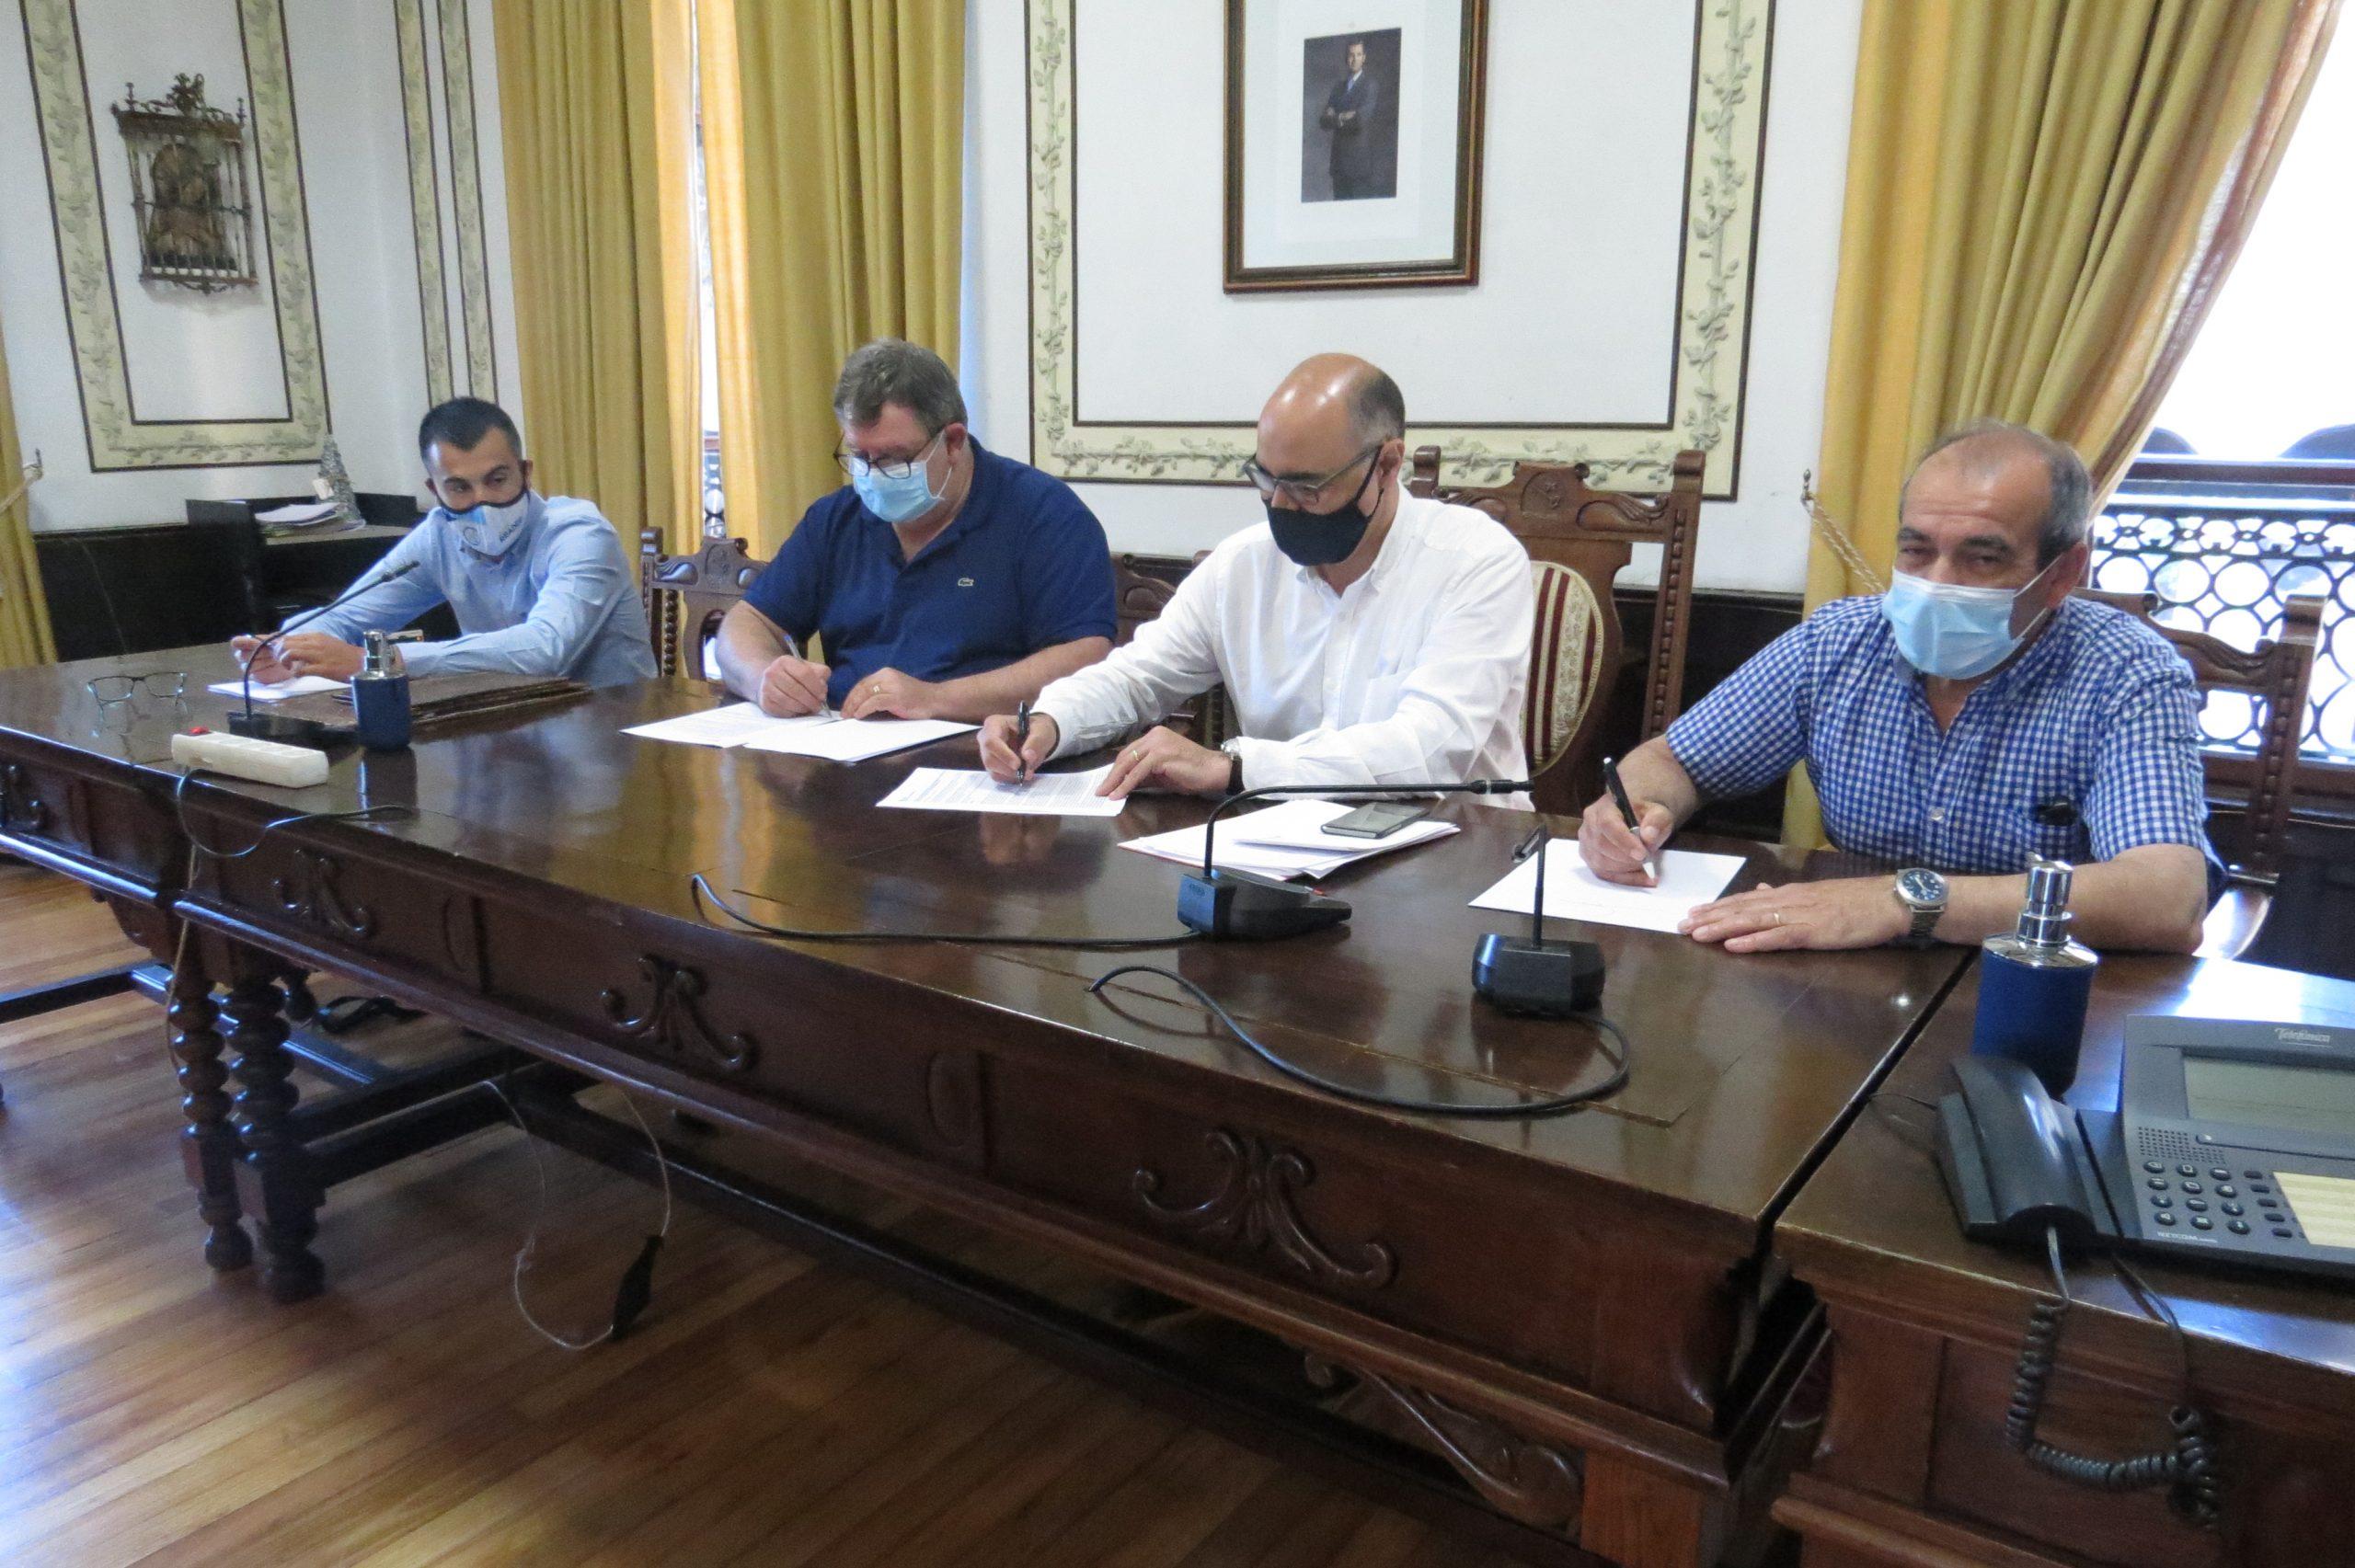 El ayuntamiento de Ribadeo destina 24.000 euros al comercio y hostelería locales